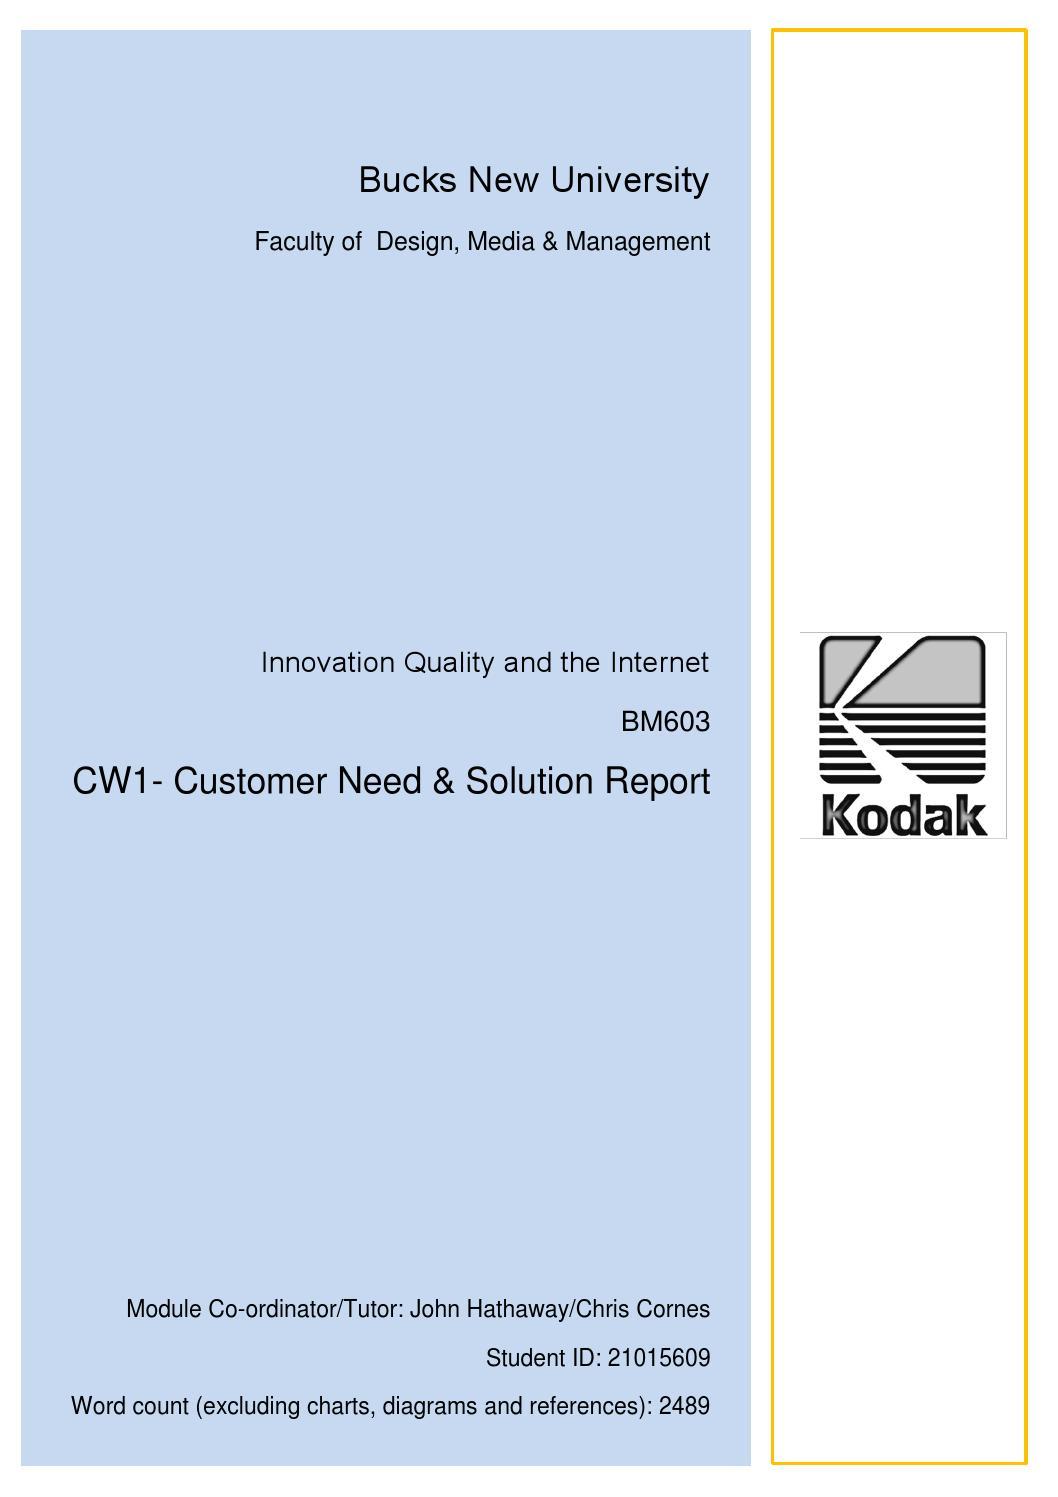 kodak external analysis Kodak case study srn 162658 1 summary 2  introduction of eastman kodak company 3 analysis of strategic position of kodak a analysis of external environment i .